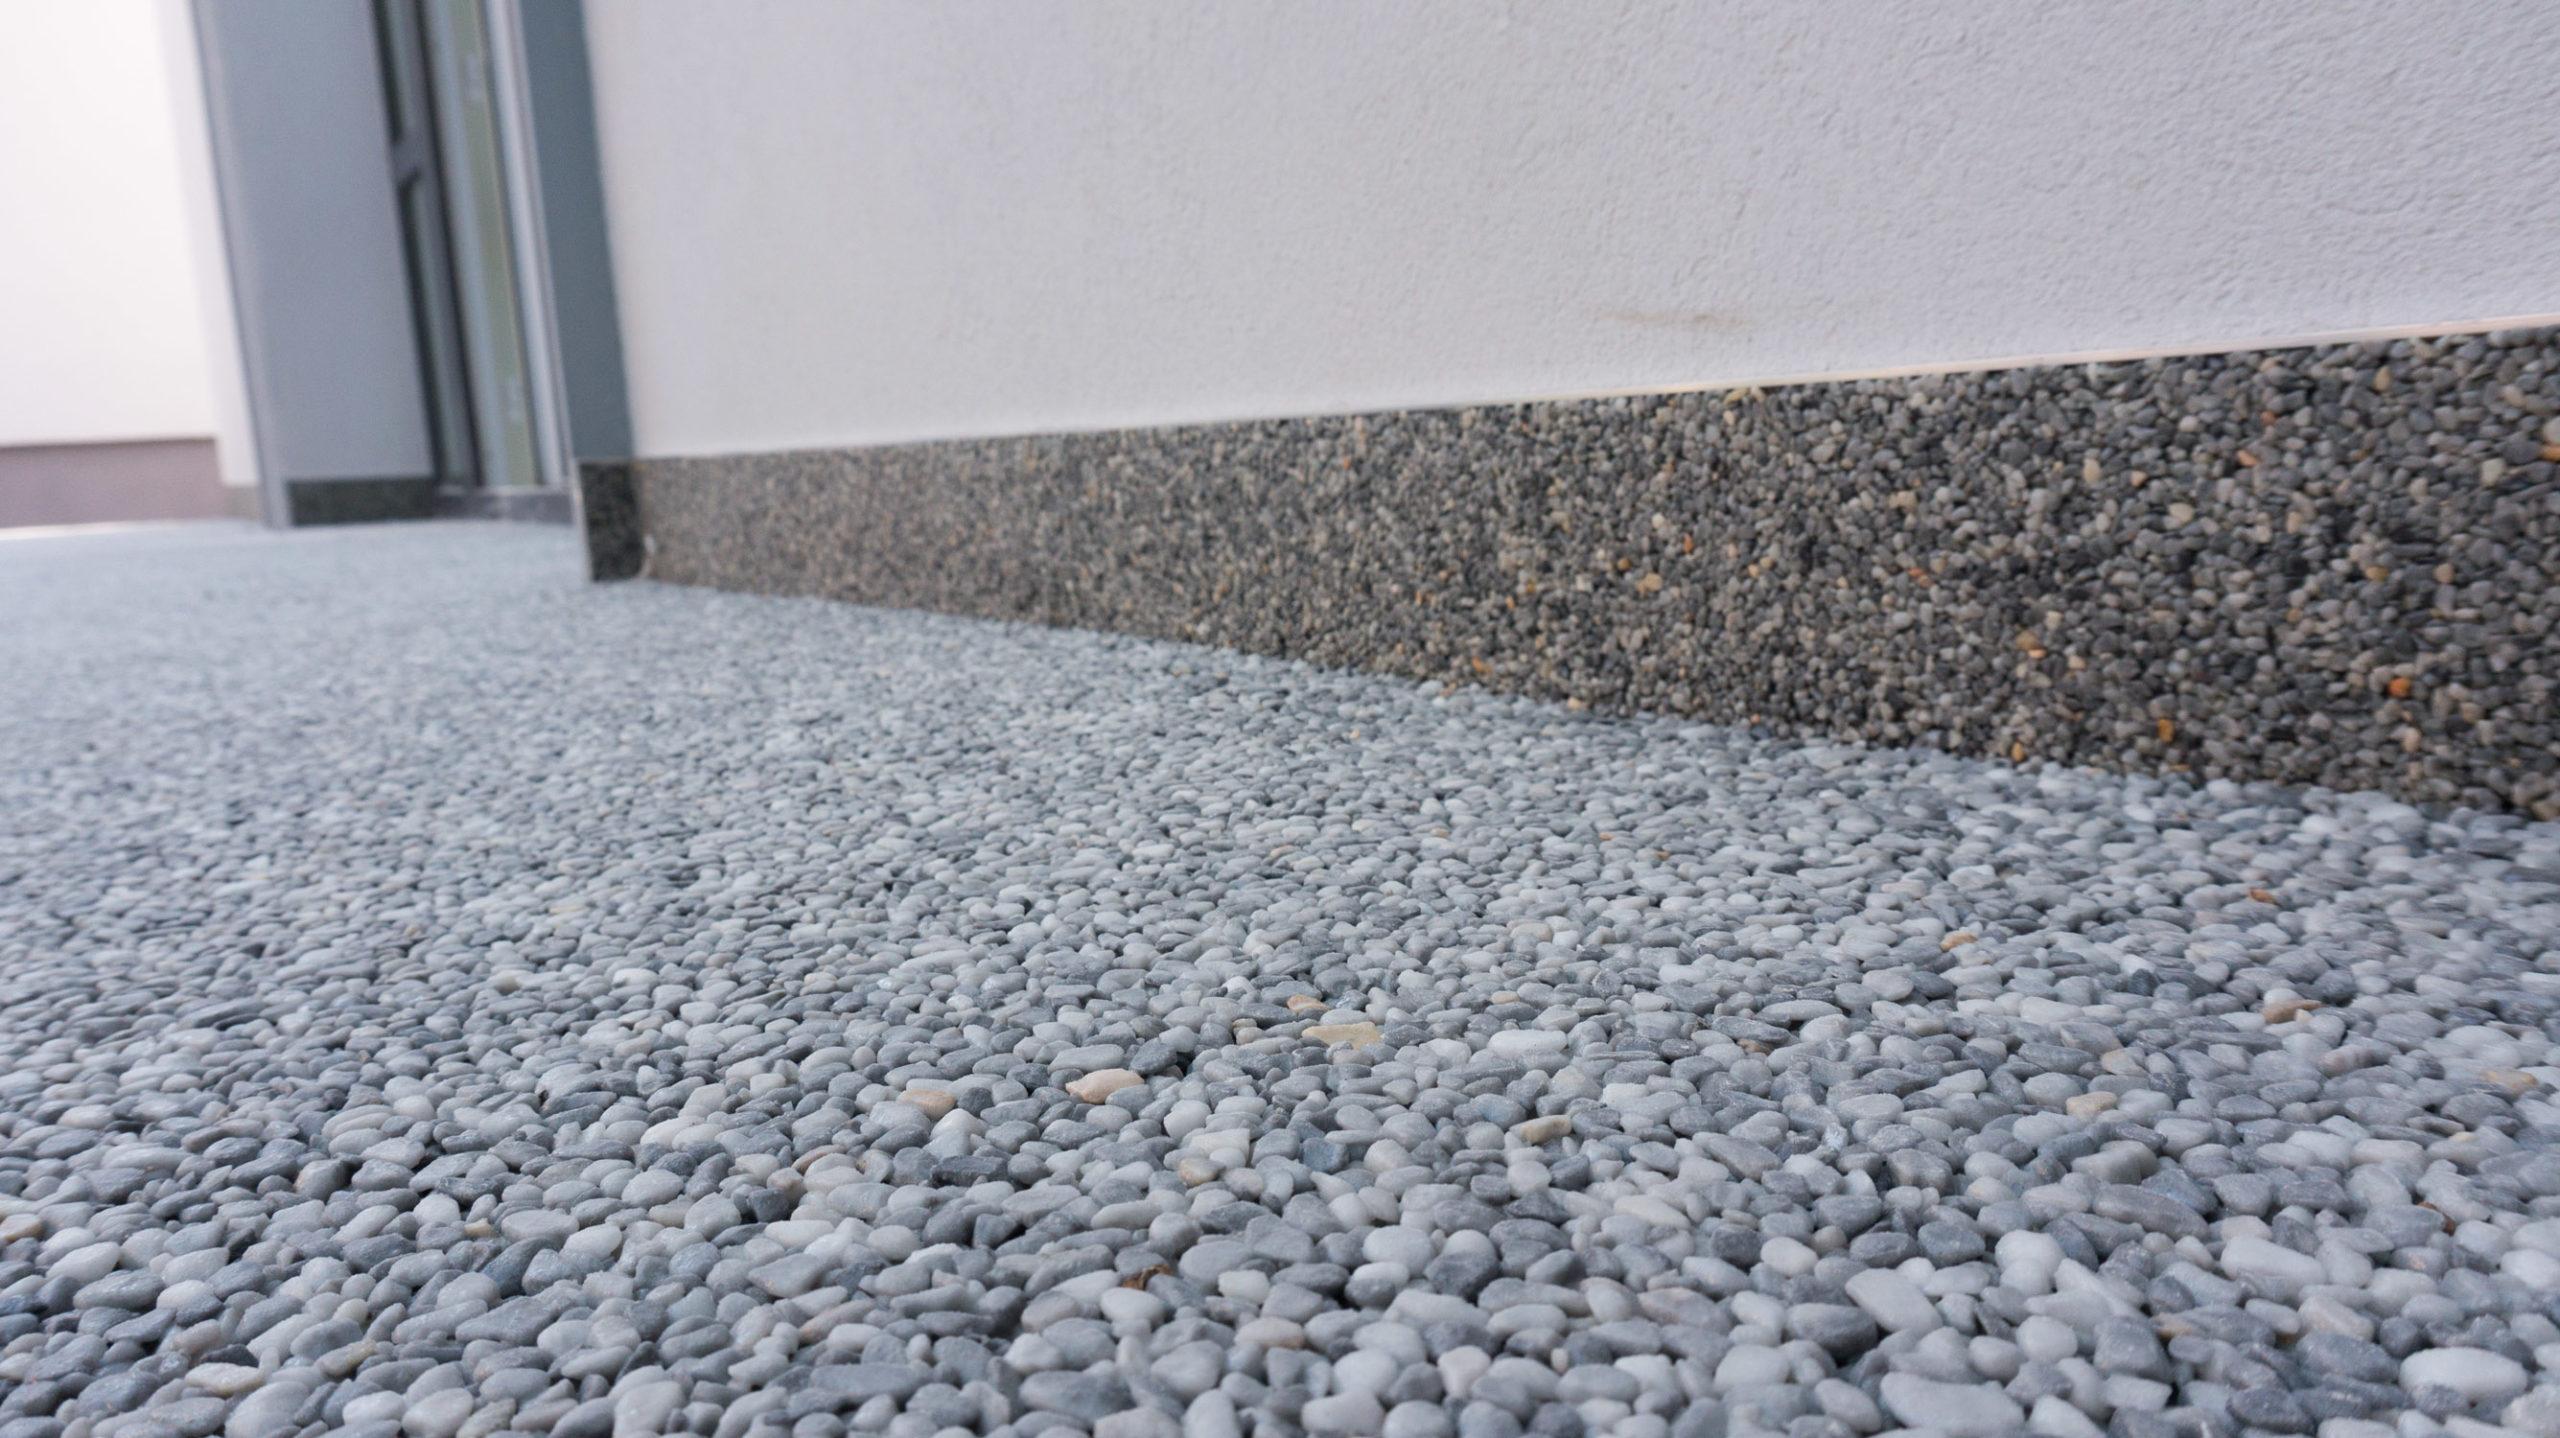 viarustik-stone-carpet-bardiglio